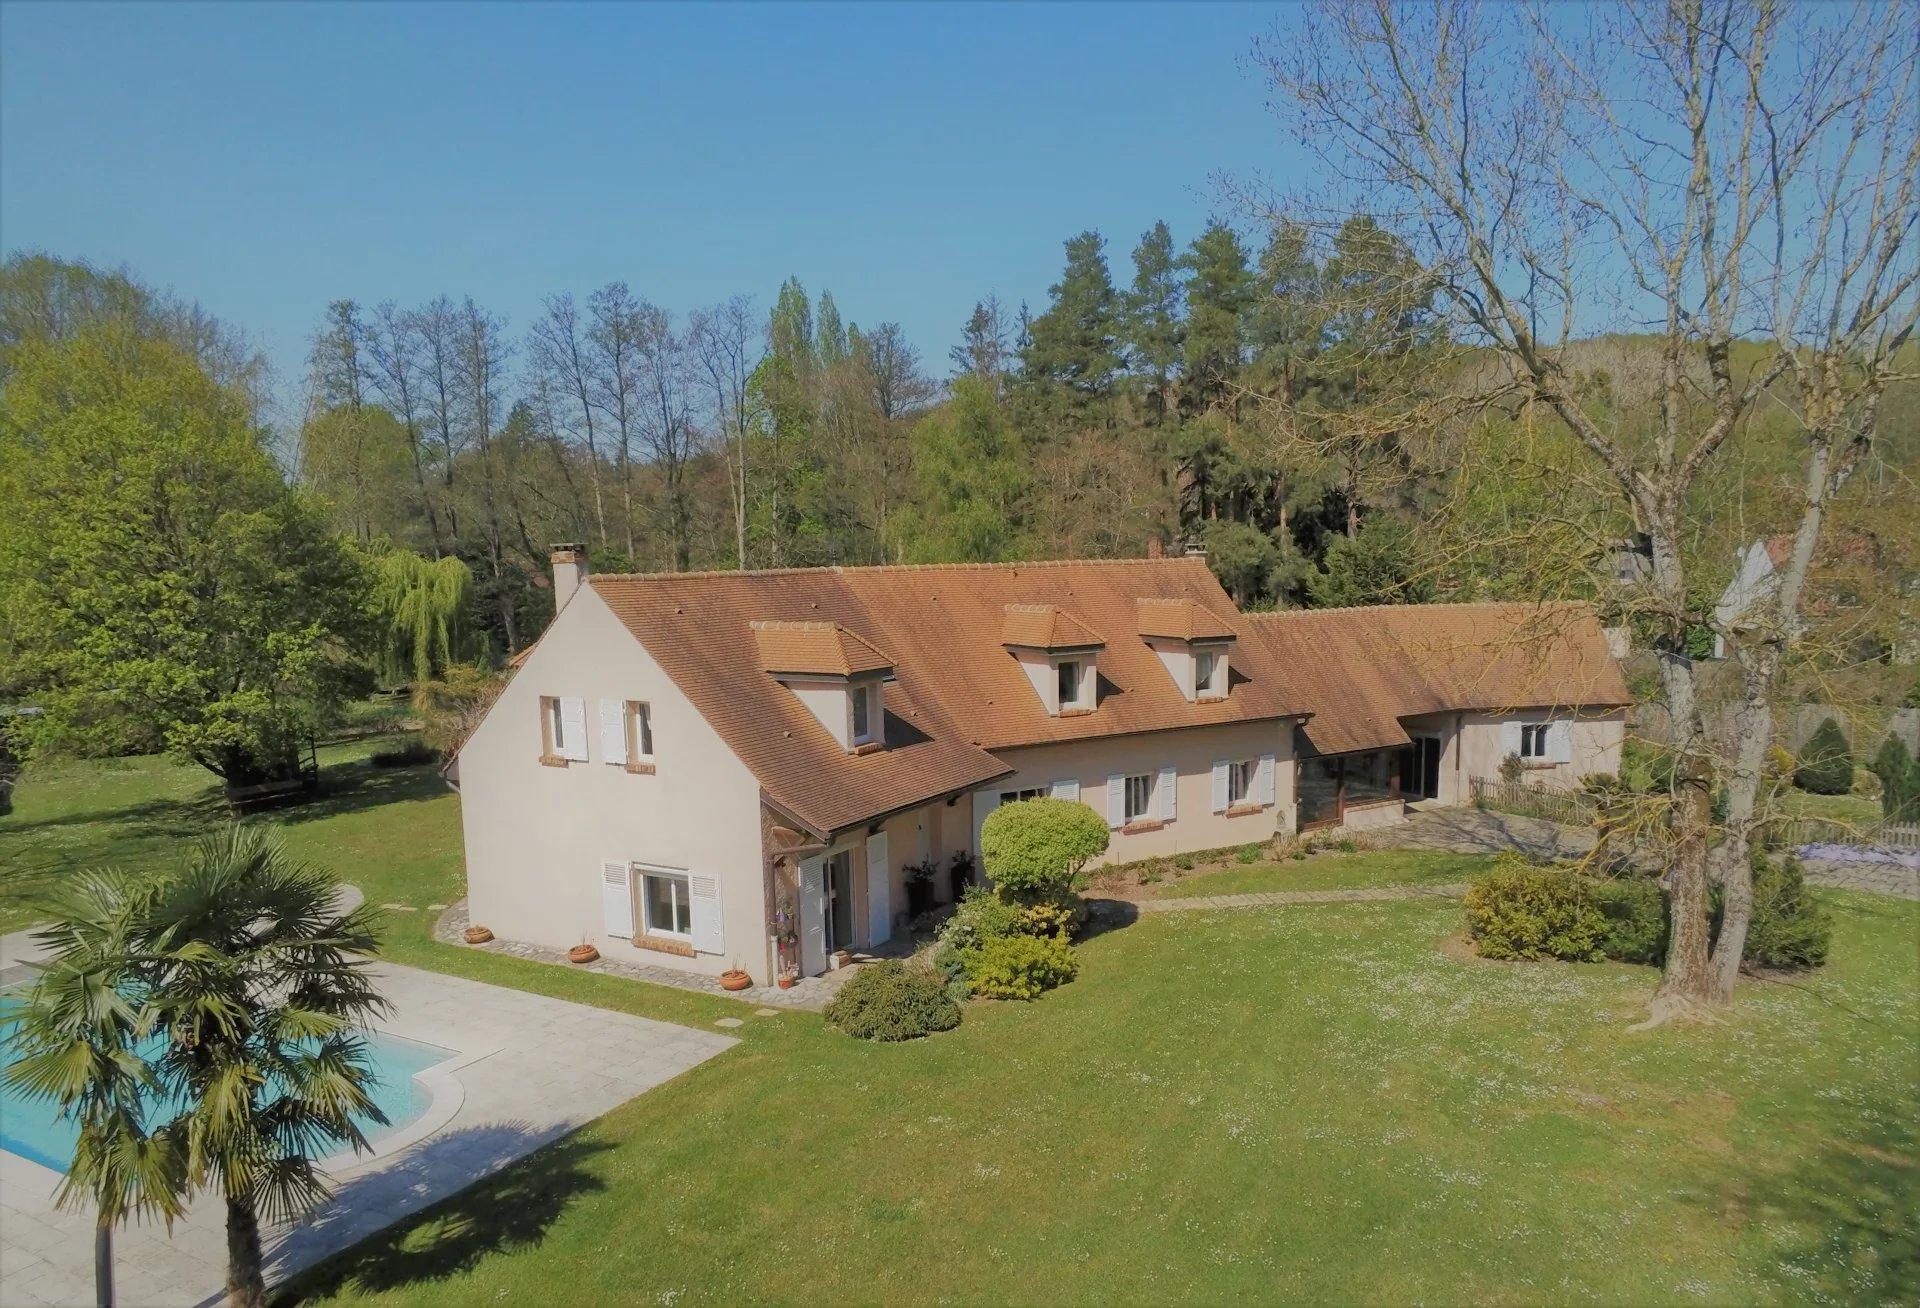 Très belle propriété avec piscine, jardin paysagé et accès tennis.